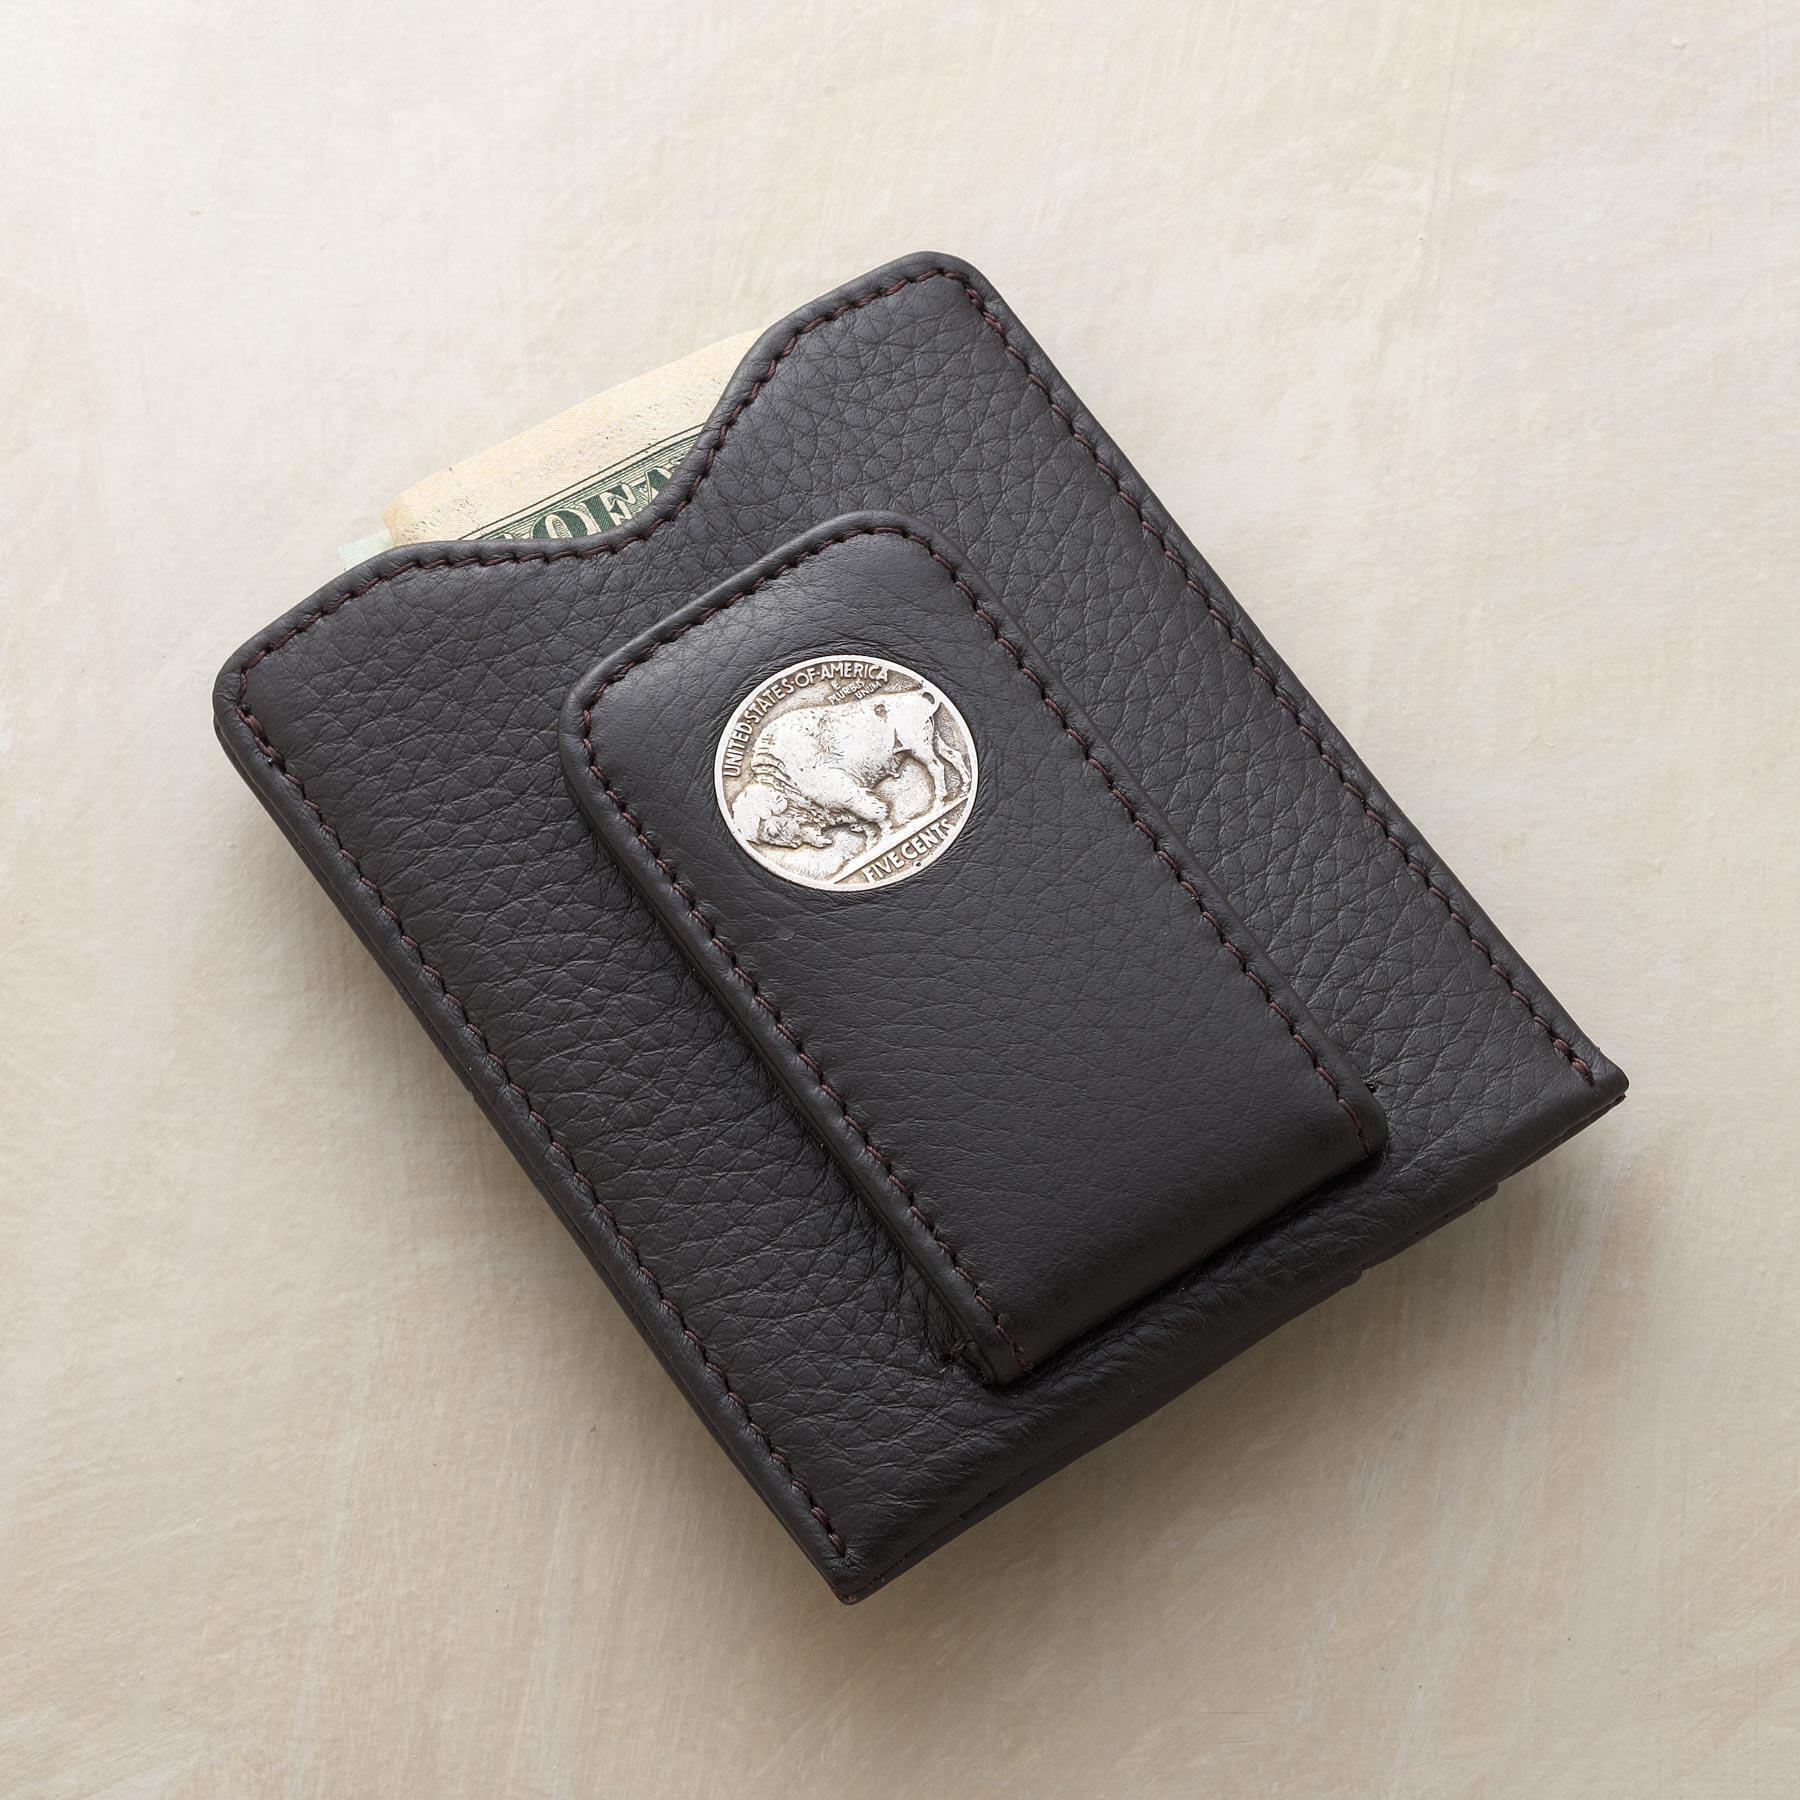 VINTAGE BUFFALO NICKEL MONEY CLIP: View 1